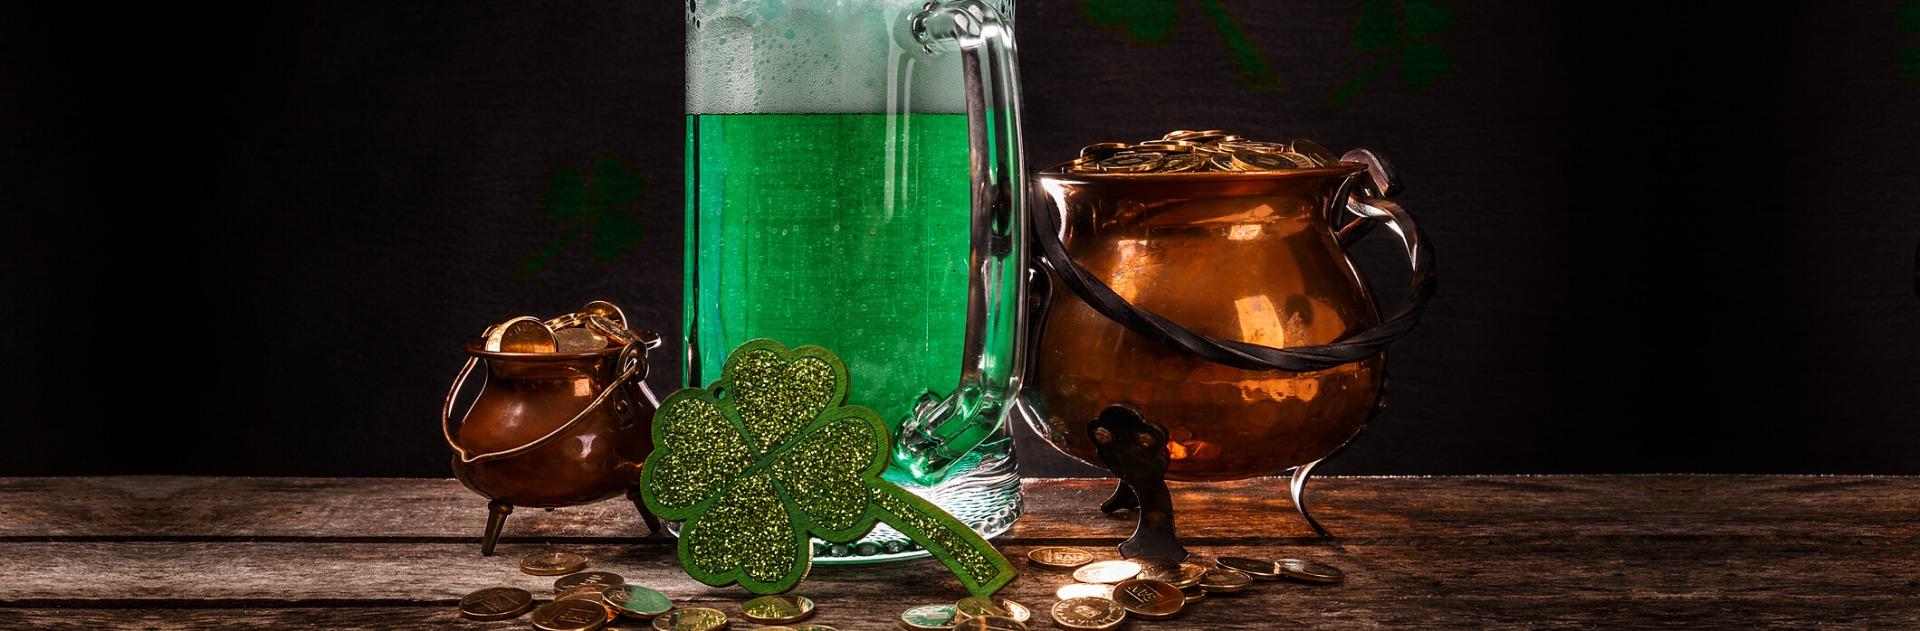 St. Patrick's Day Gift Baskets Rocky Hill